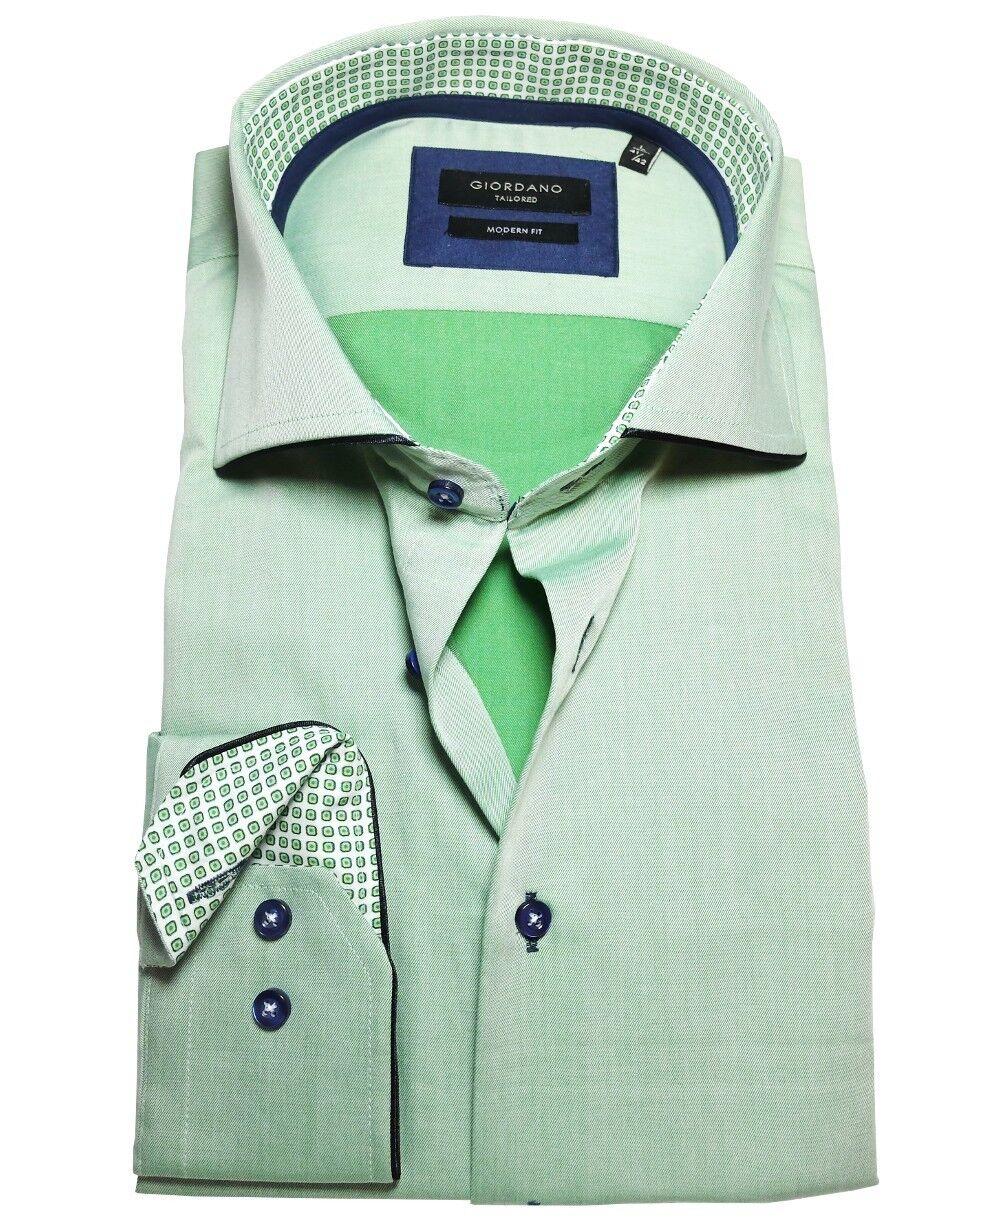 Giordano Modern Fit Geschäft Langarmhemd in grünmelange blau Gr. M bis 3XL